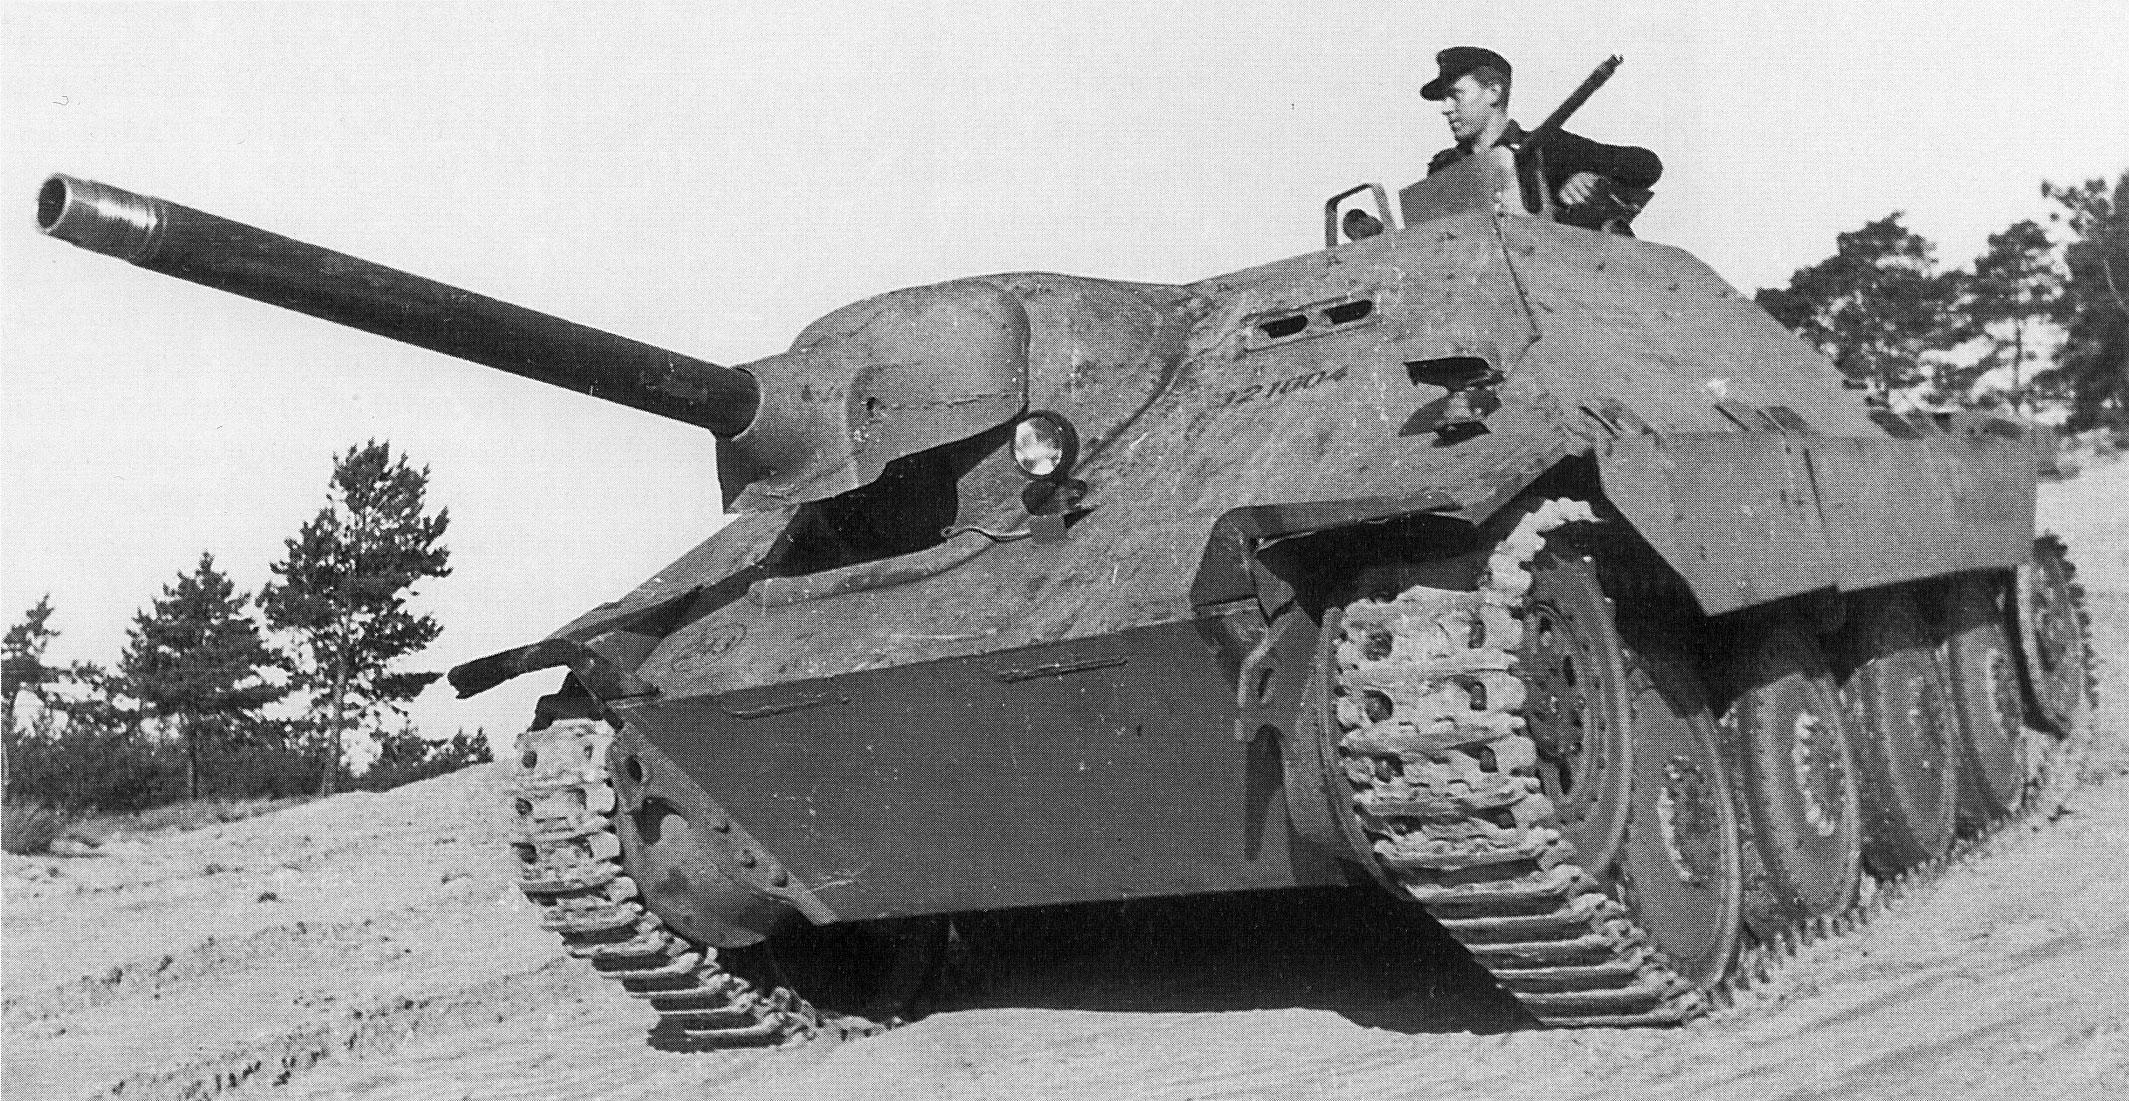 駆逐戦車 ヘッツァー 第2次世界対戦